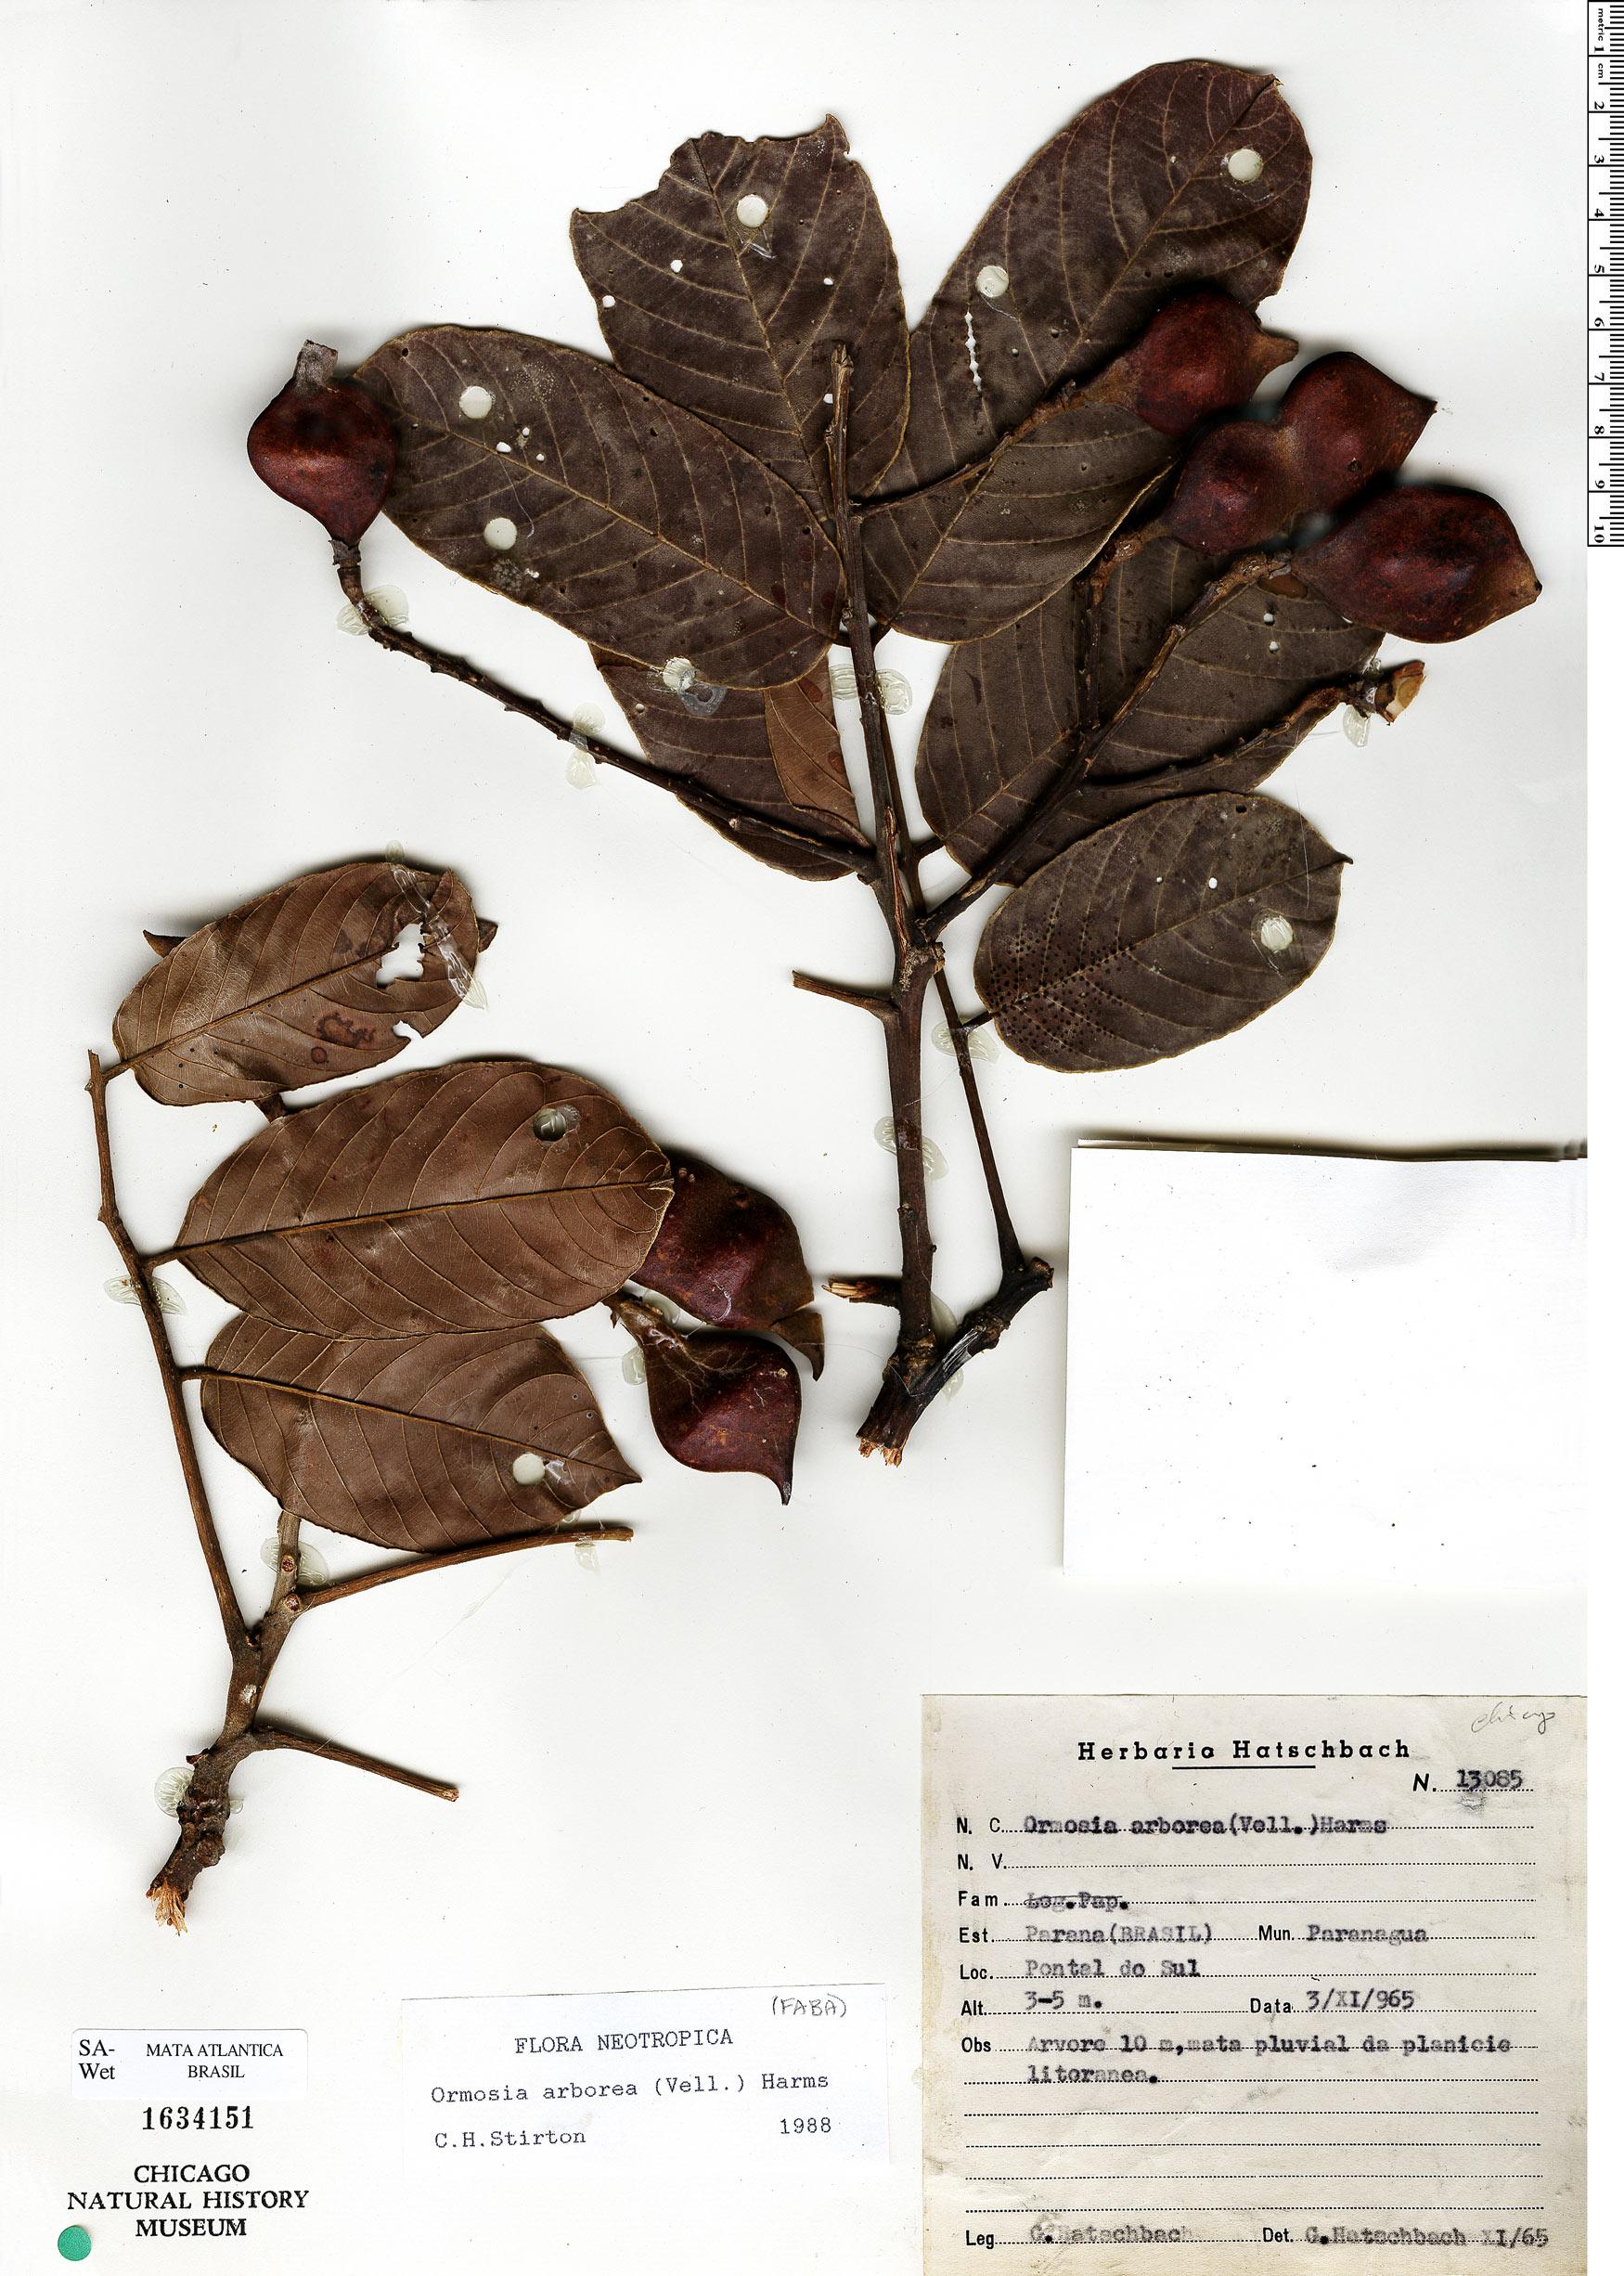 Specimen: Ormosia arborea